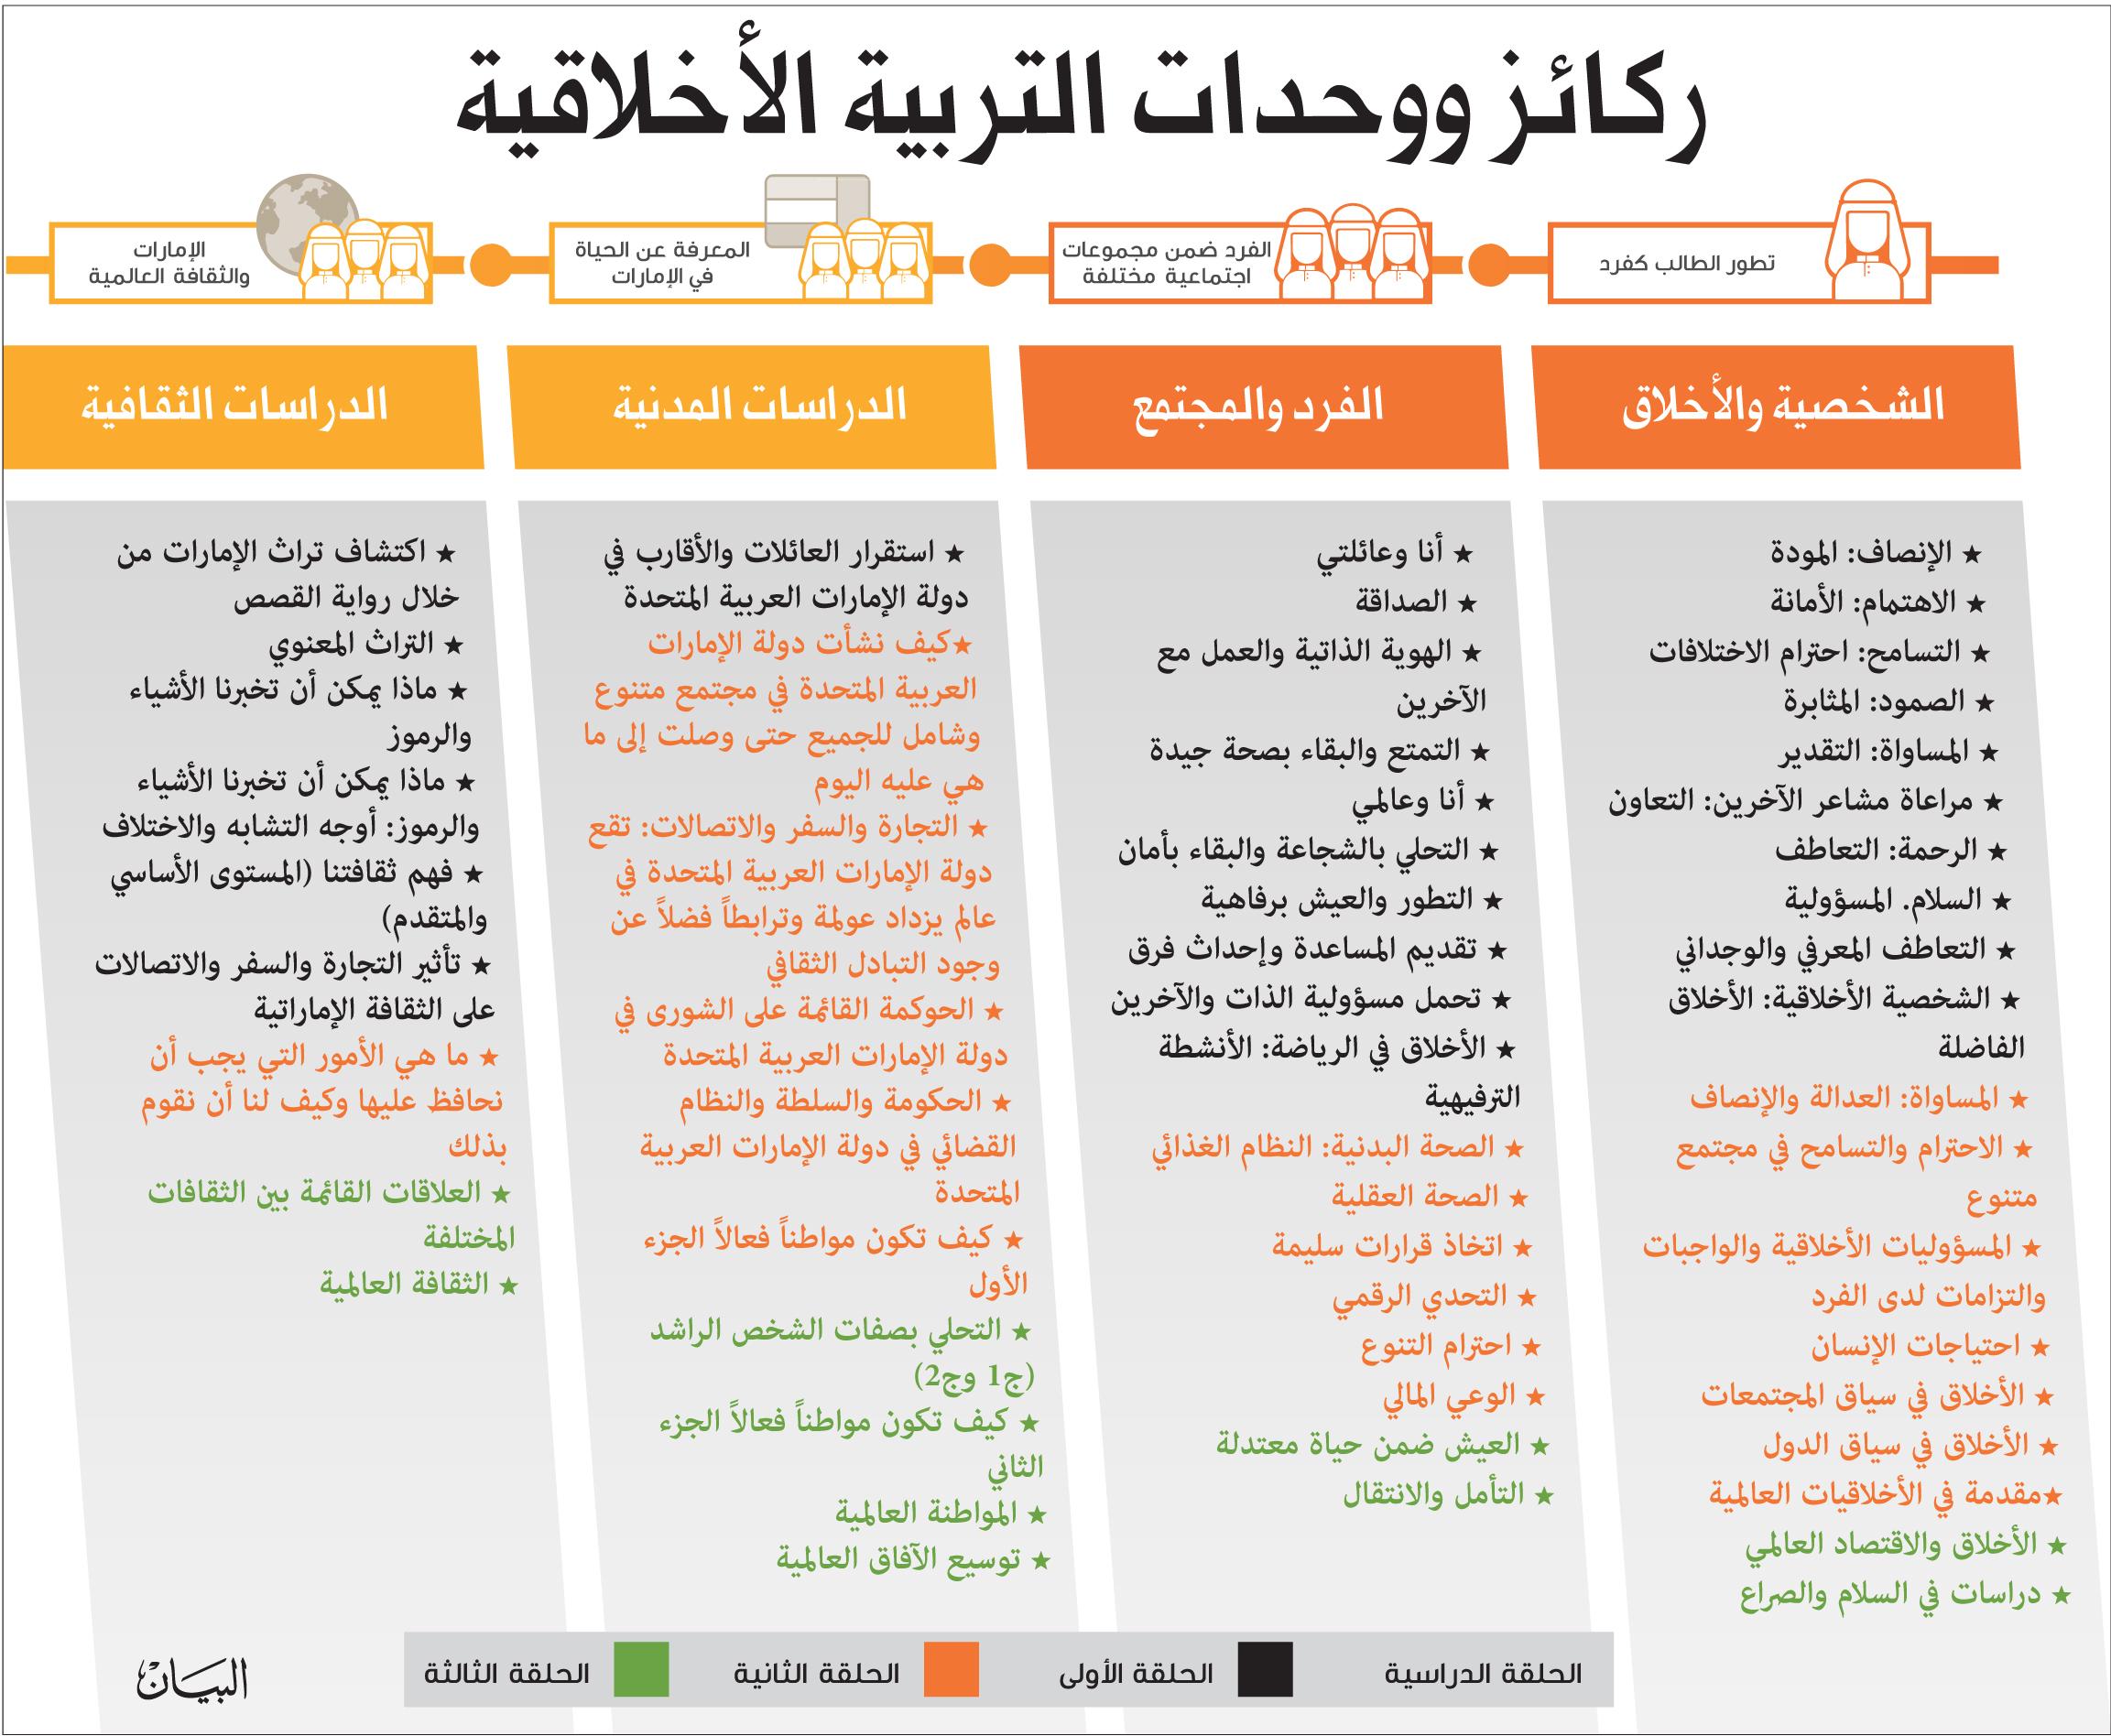 كتاب التربية ومشكلات المجتمع pdf